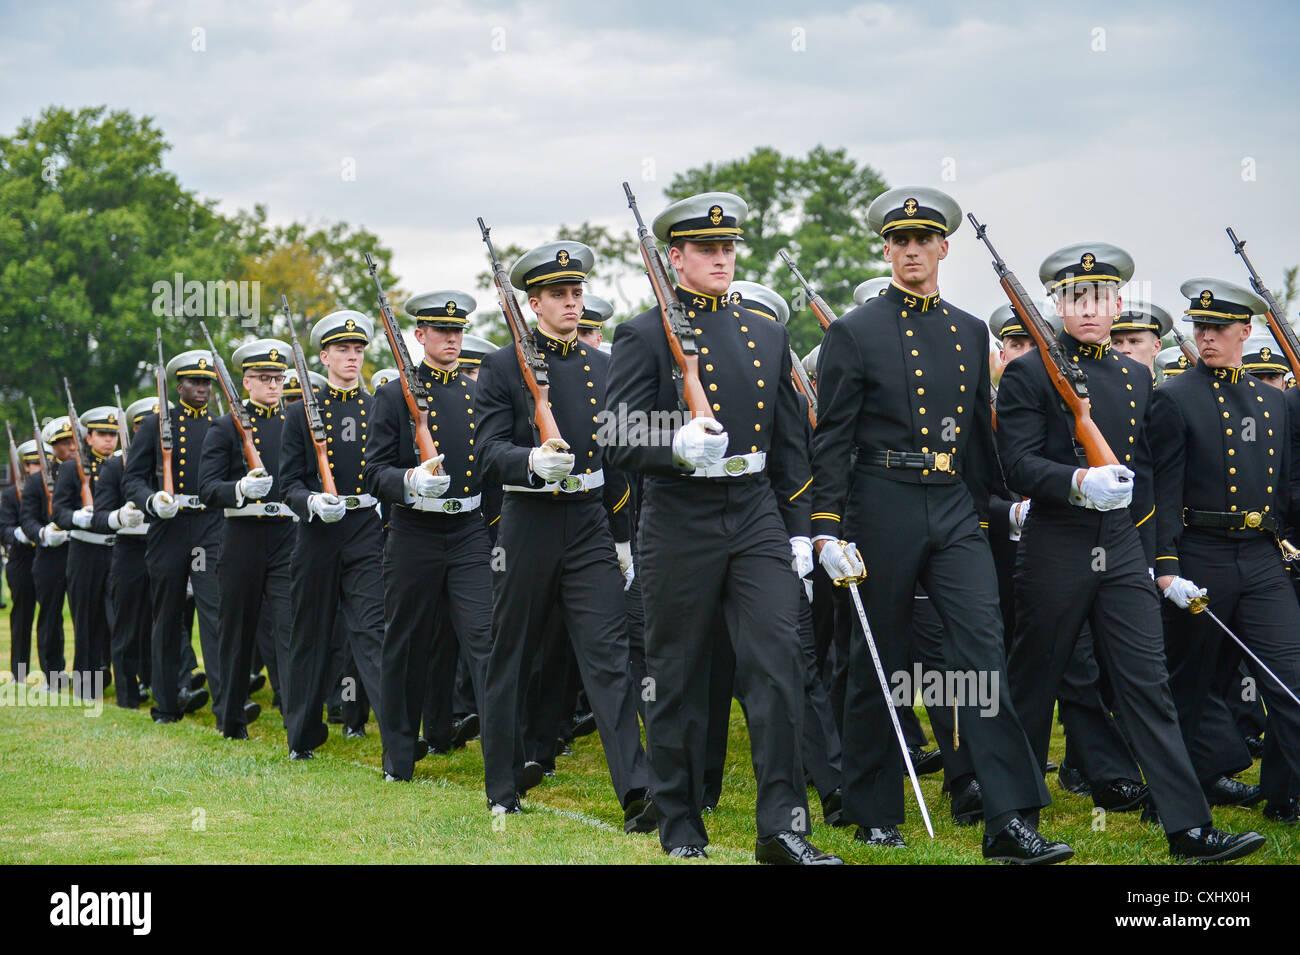 Las compañías de cadetes de marzo por el jefe de operaciones navales, el Almirante Jonathan greenert y otros revisores Foto de stock